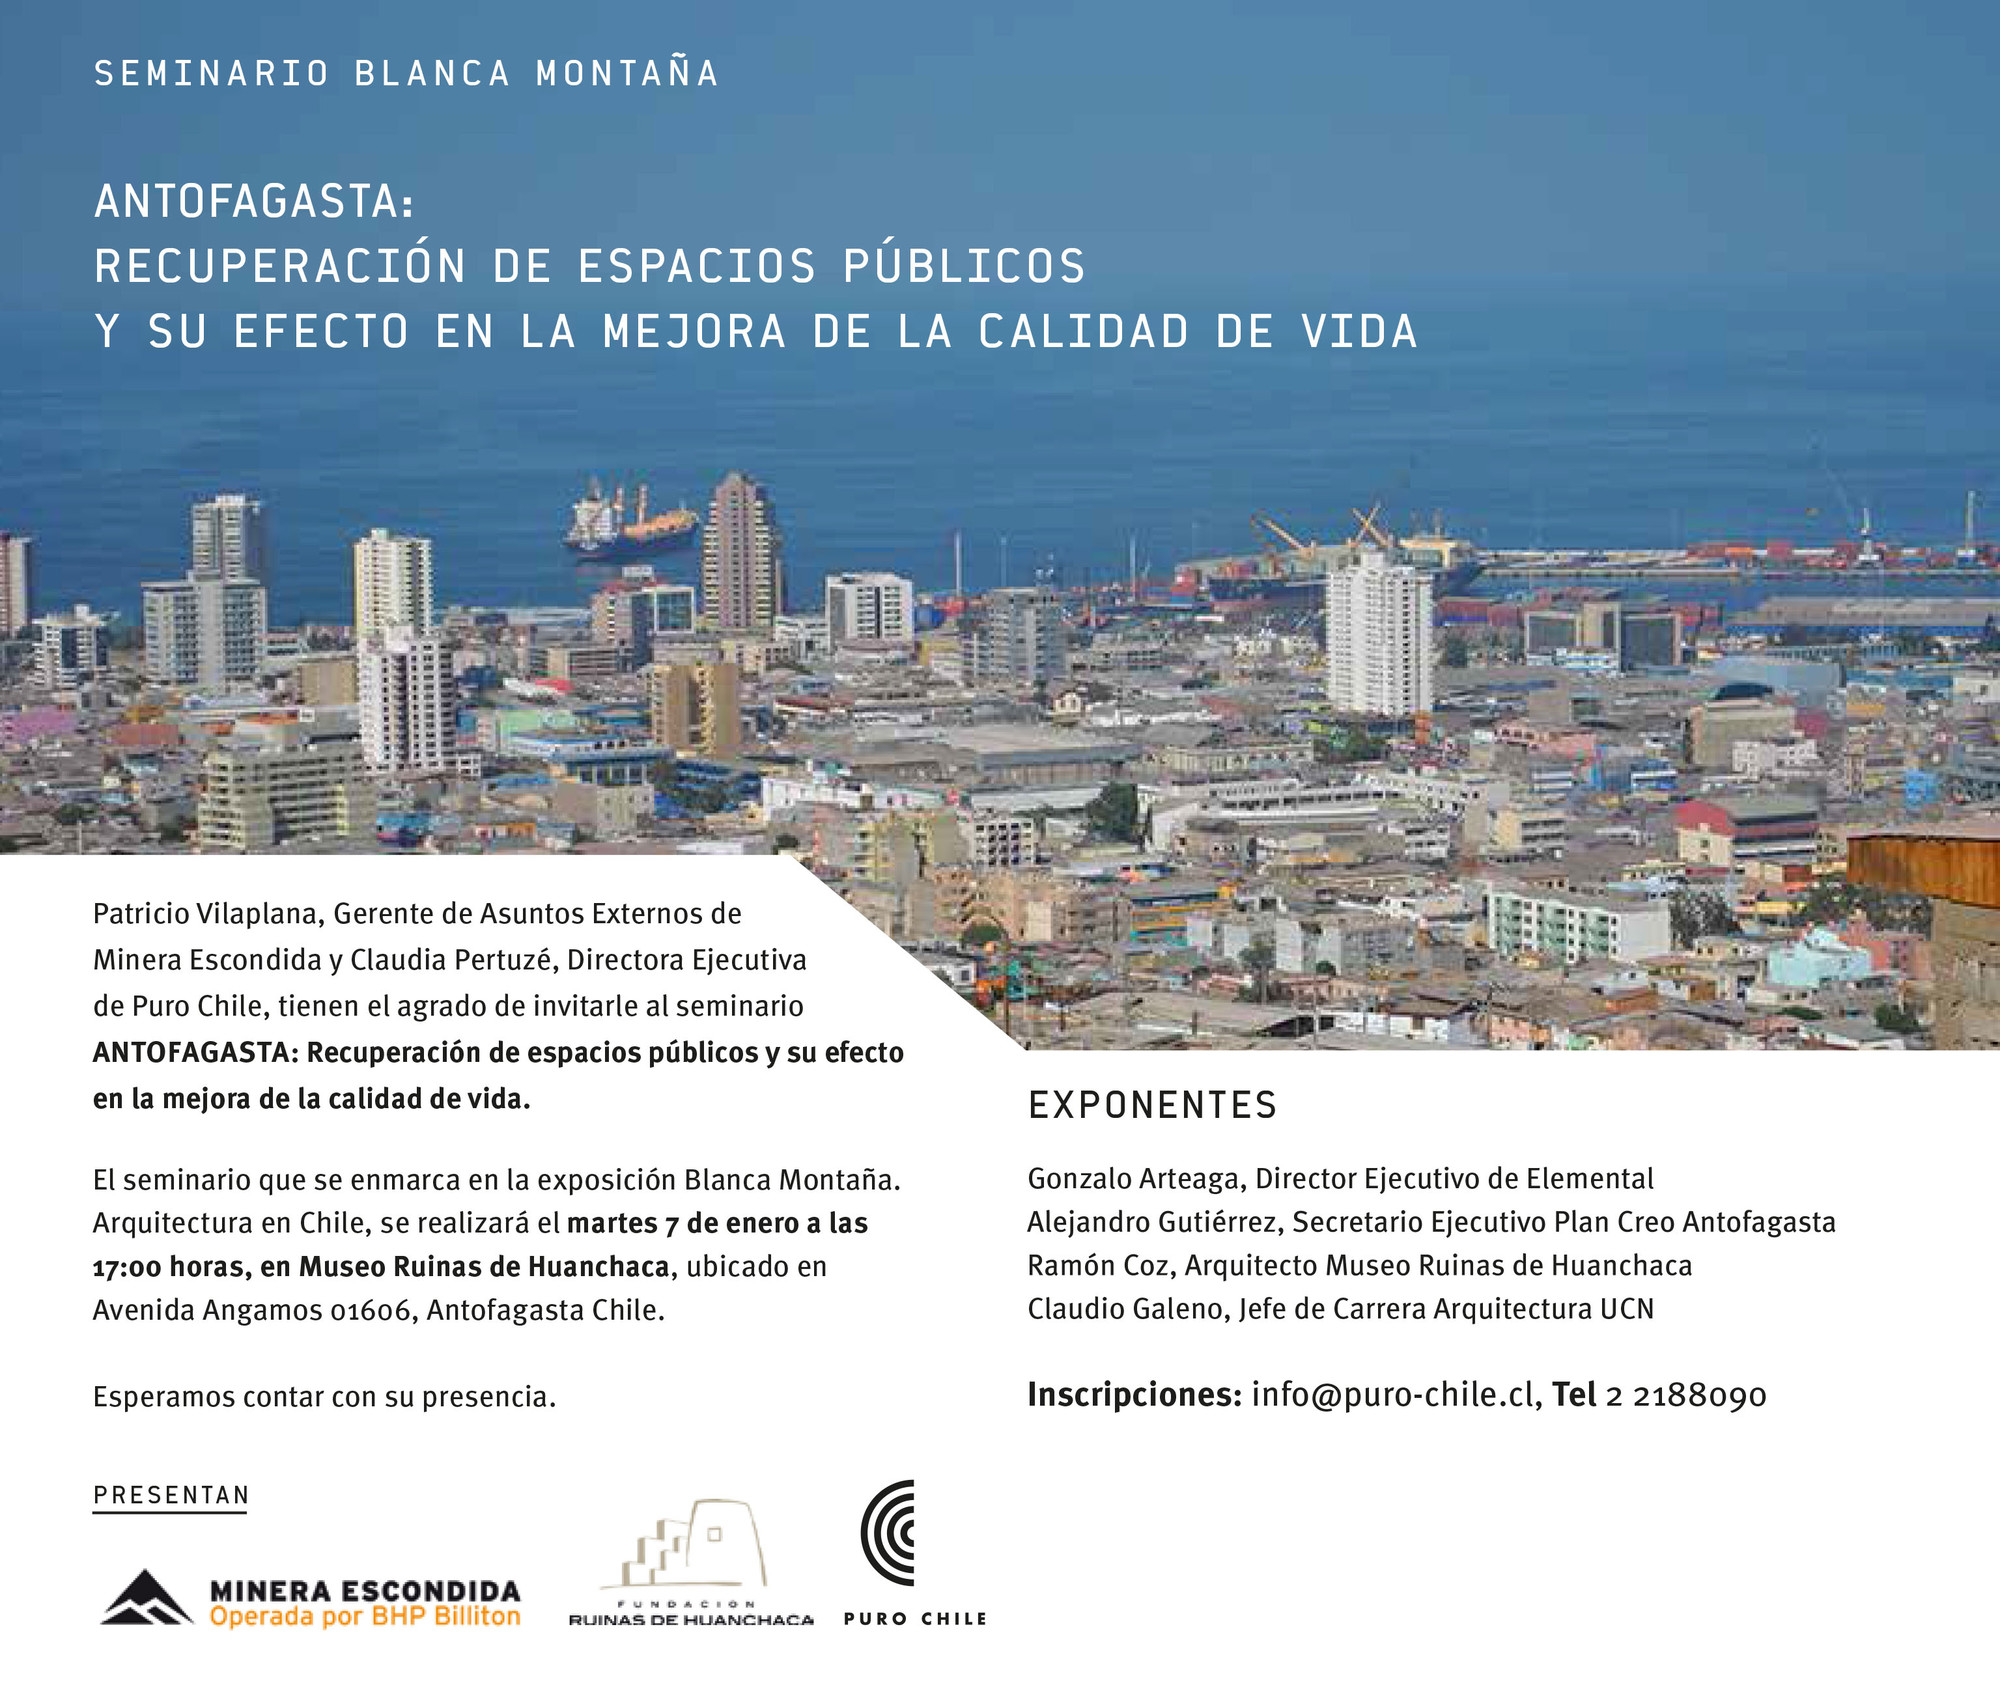 Antofagasta: Recuperación de Espacios Públicos y Calidad de Vida